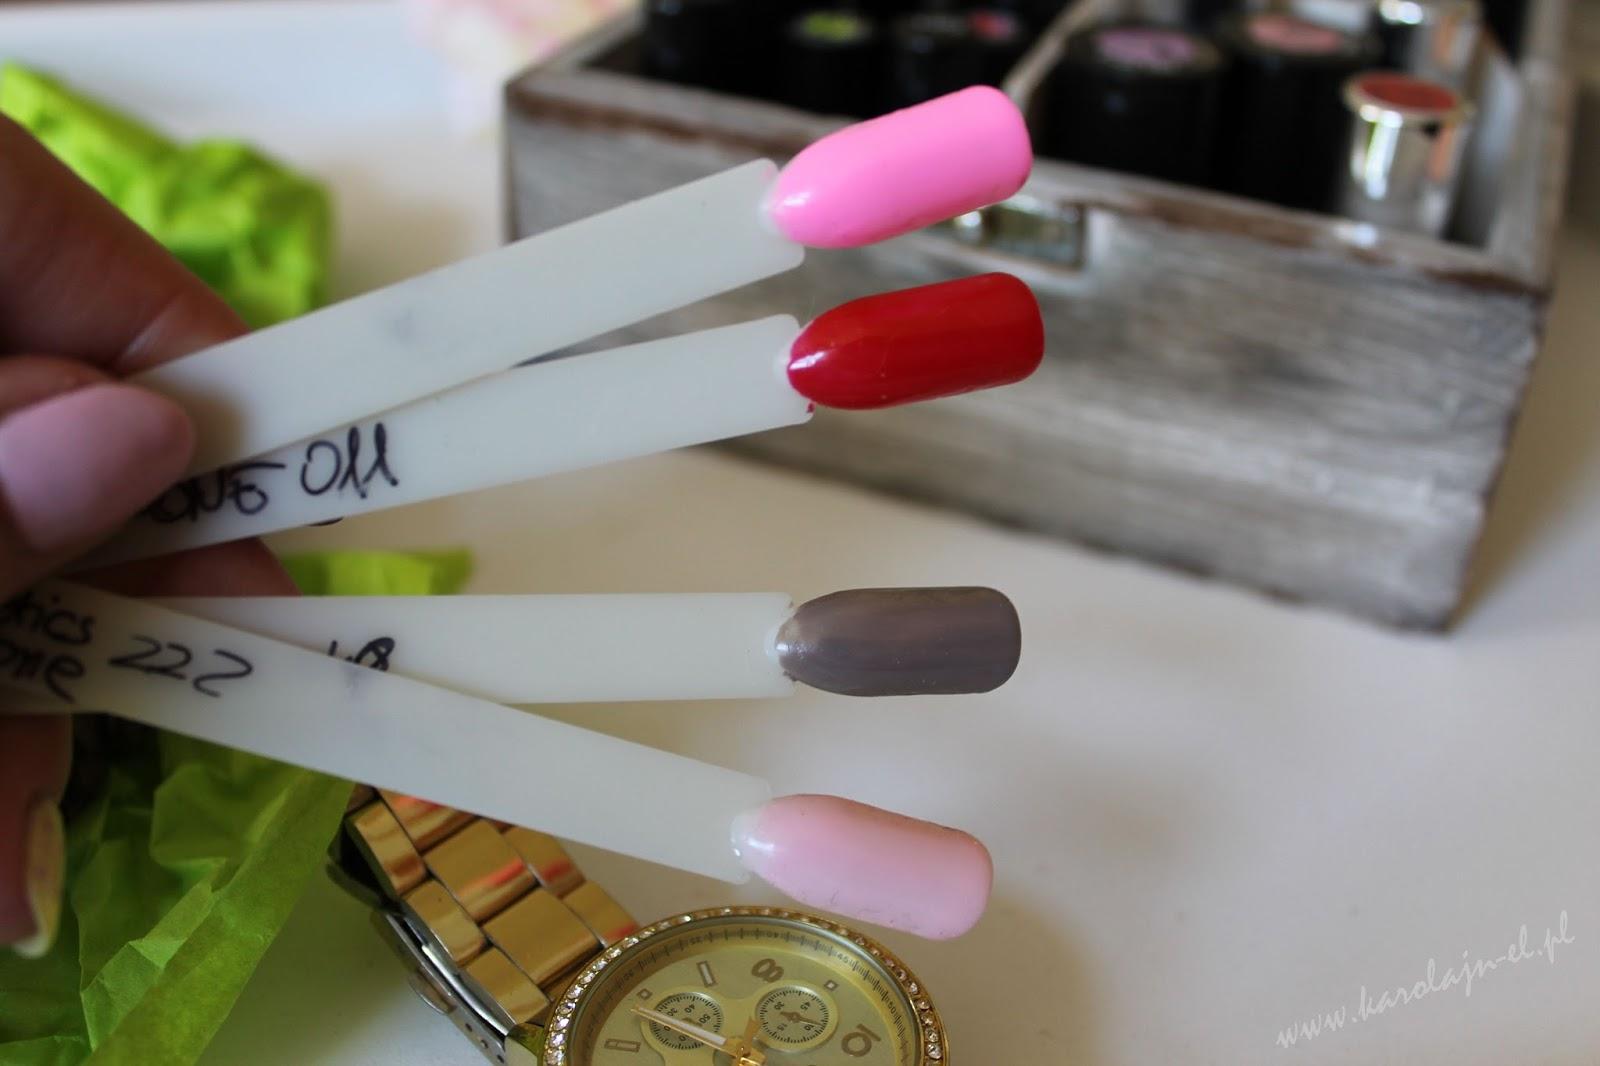 jakie kolory polecam cosmetics zone